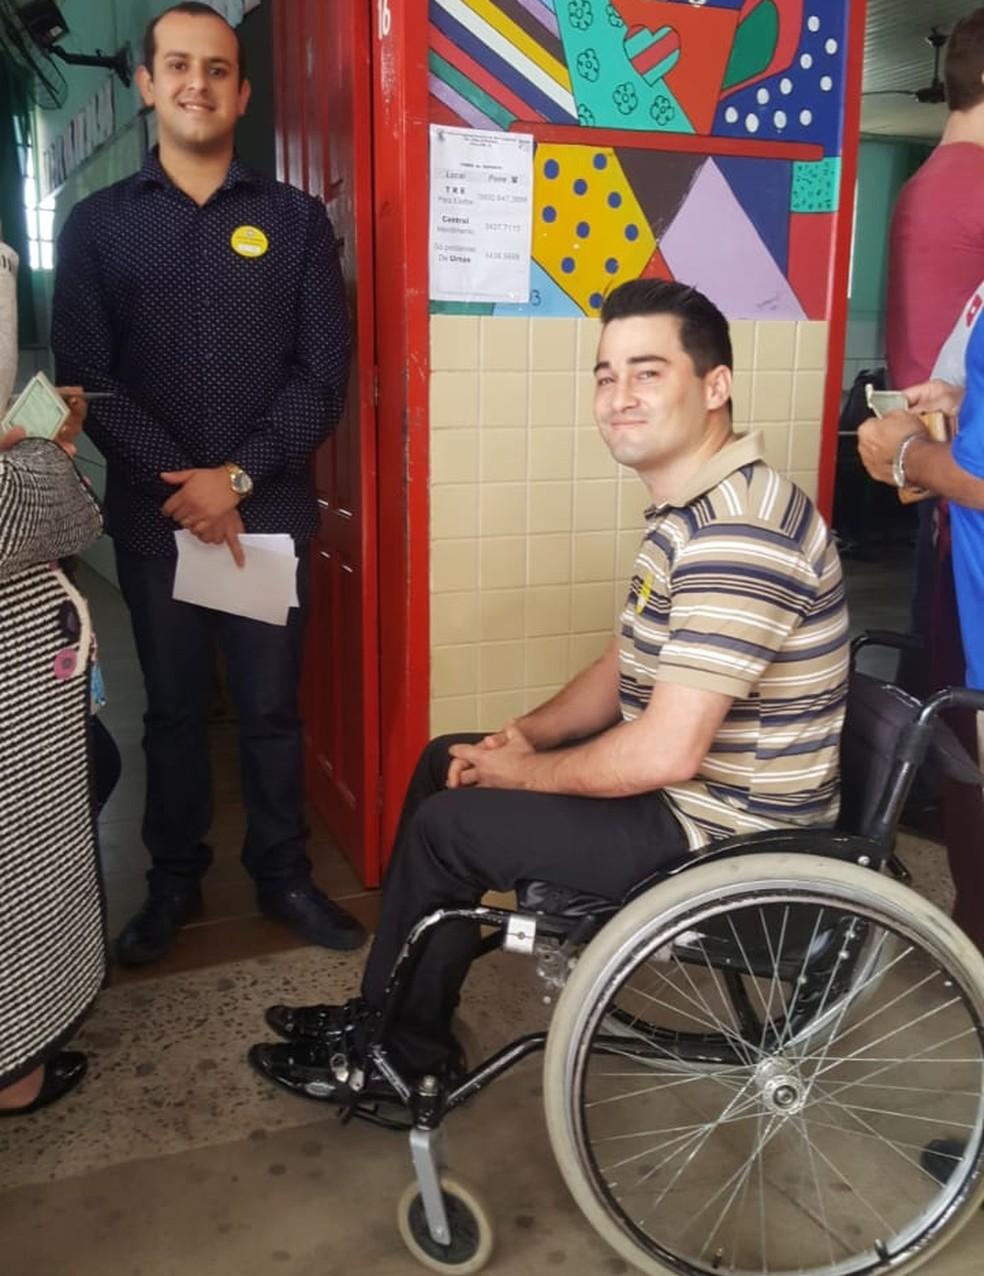 Leandro Marinho é secretário de seção eleitoral em Criciúma — Foto: Denise Medeiros/NSC TV